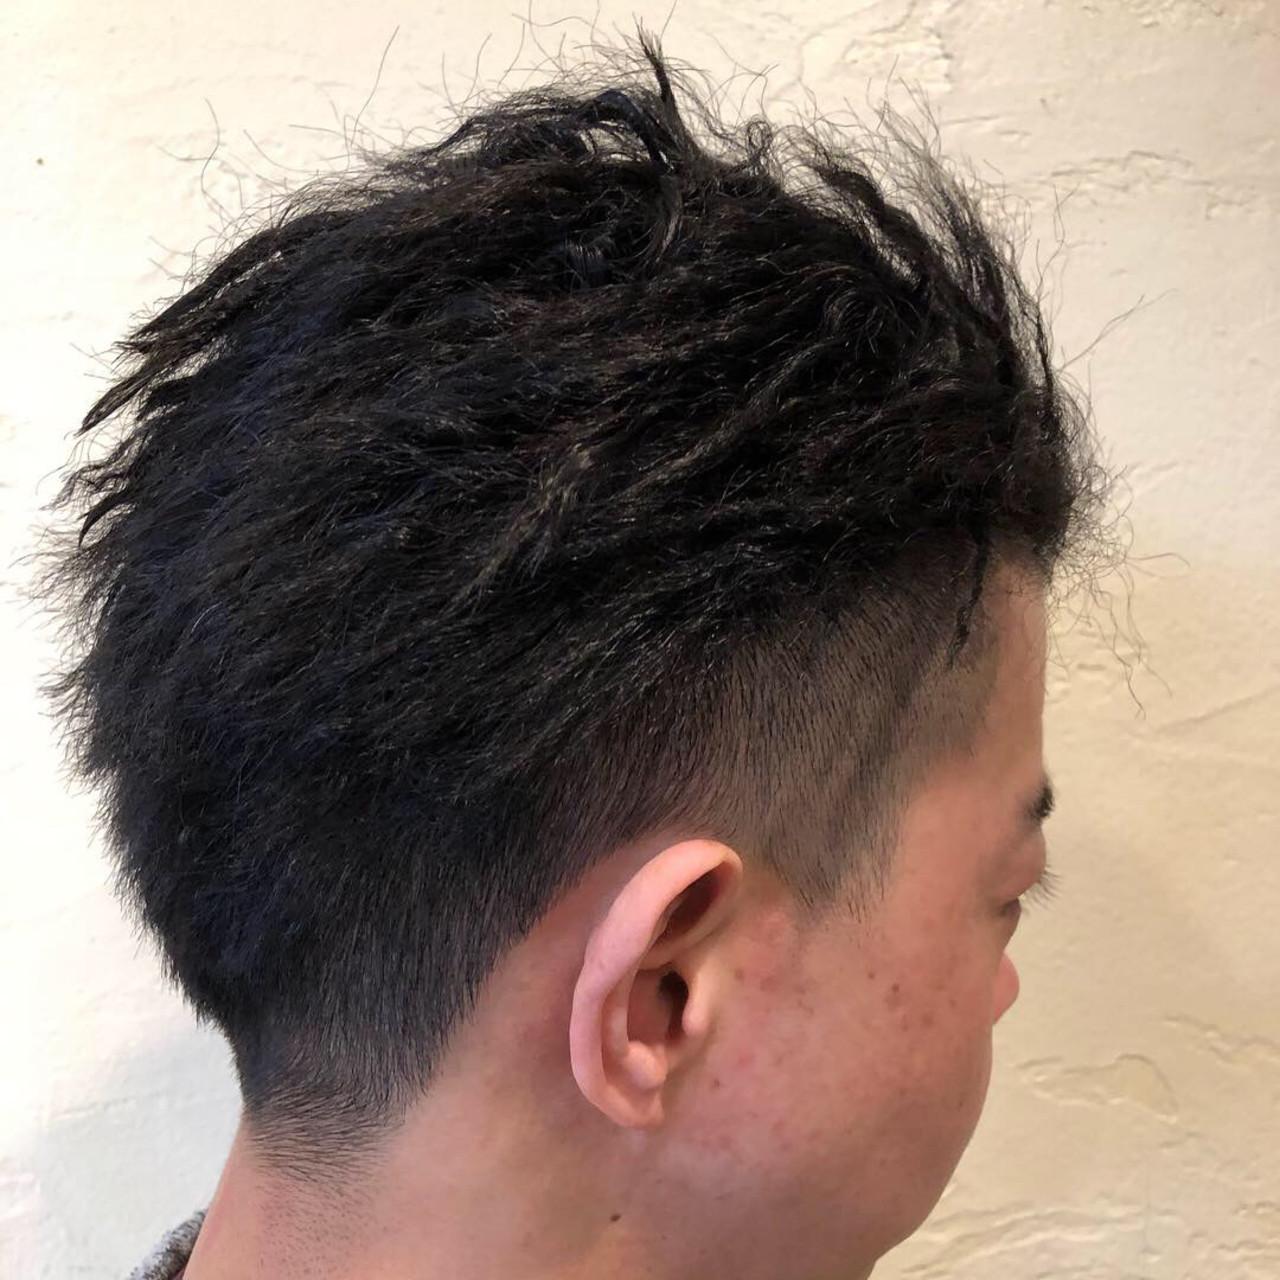 メンズカット メンズパーマ メンズヘア ストリート ヘアスタイルや髪型の写真・画像 | TMe hair/tomoe chiba / TMe hair川崎小田